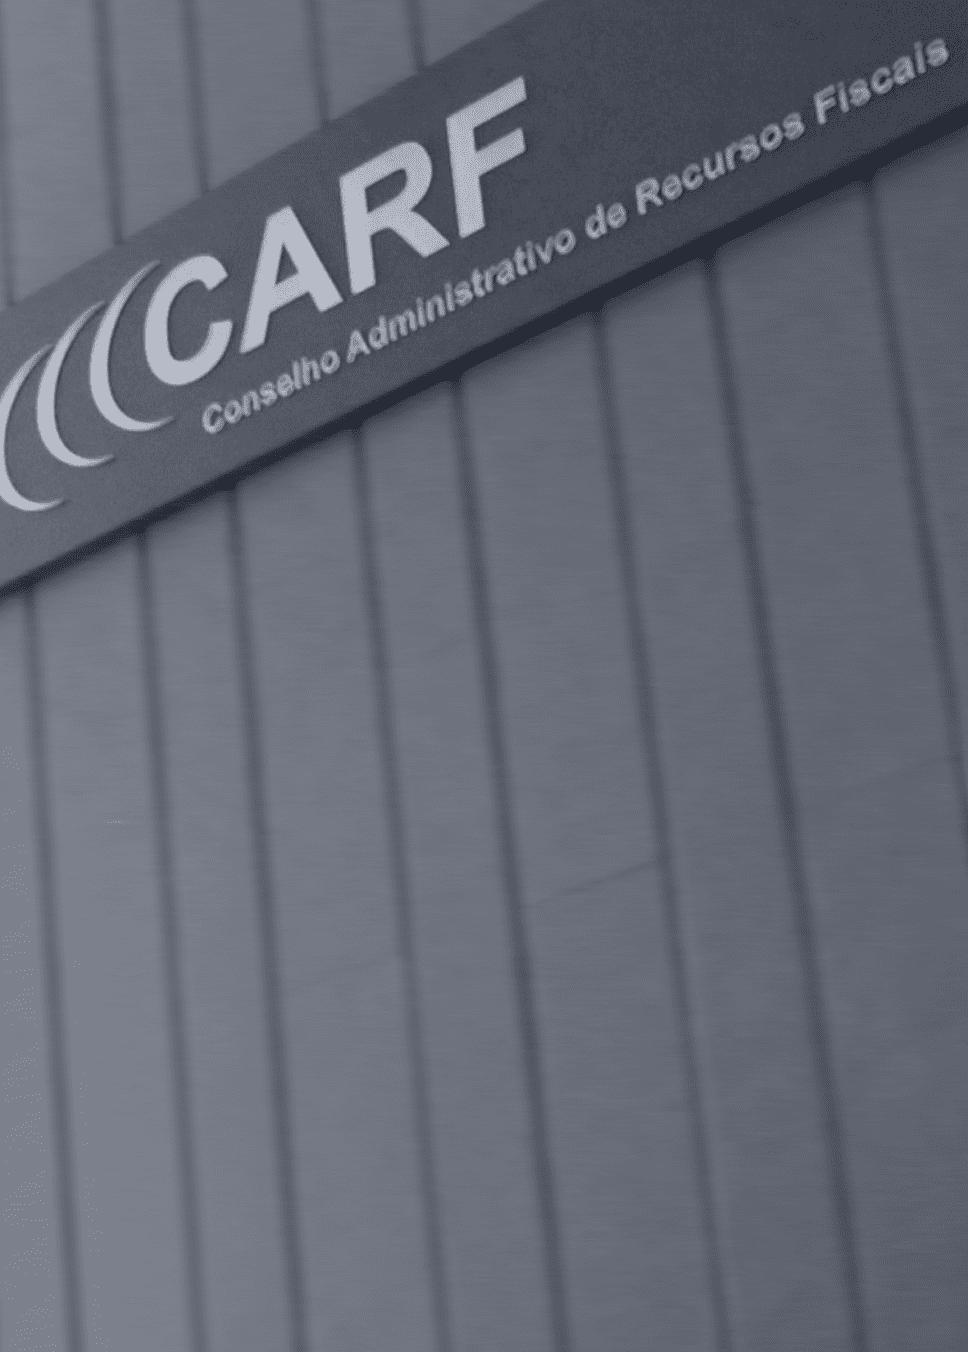 imagem da fachada do carf